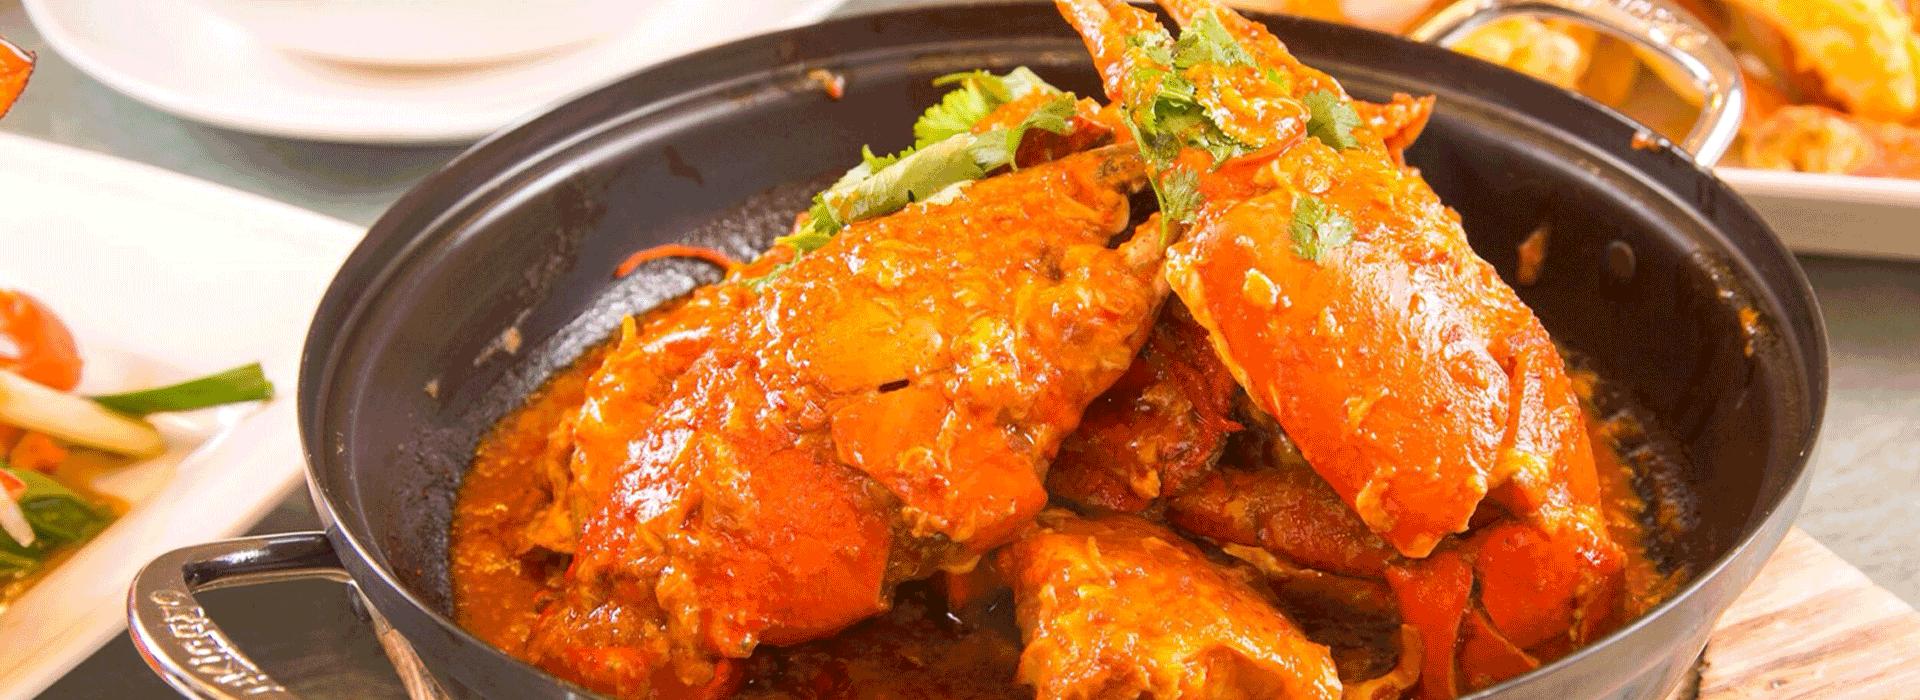 賣螃蟹賣到股票掛牌  新加坡國寶美食辣椒蟹登台